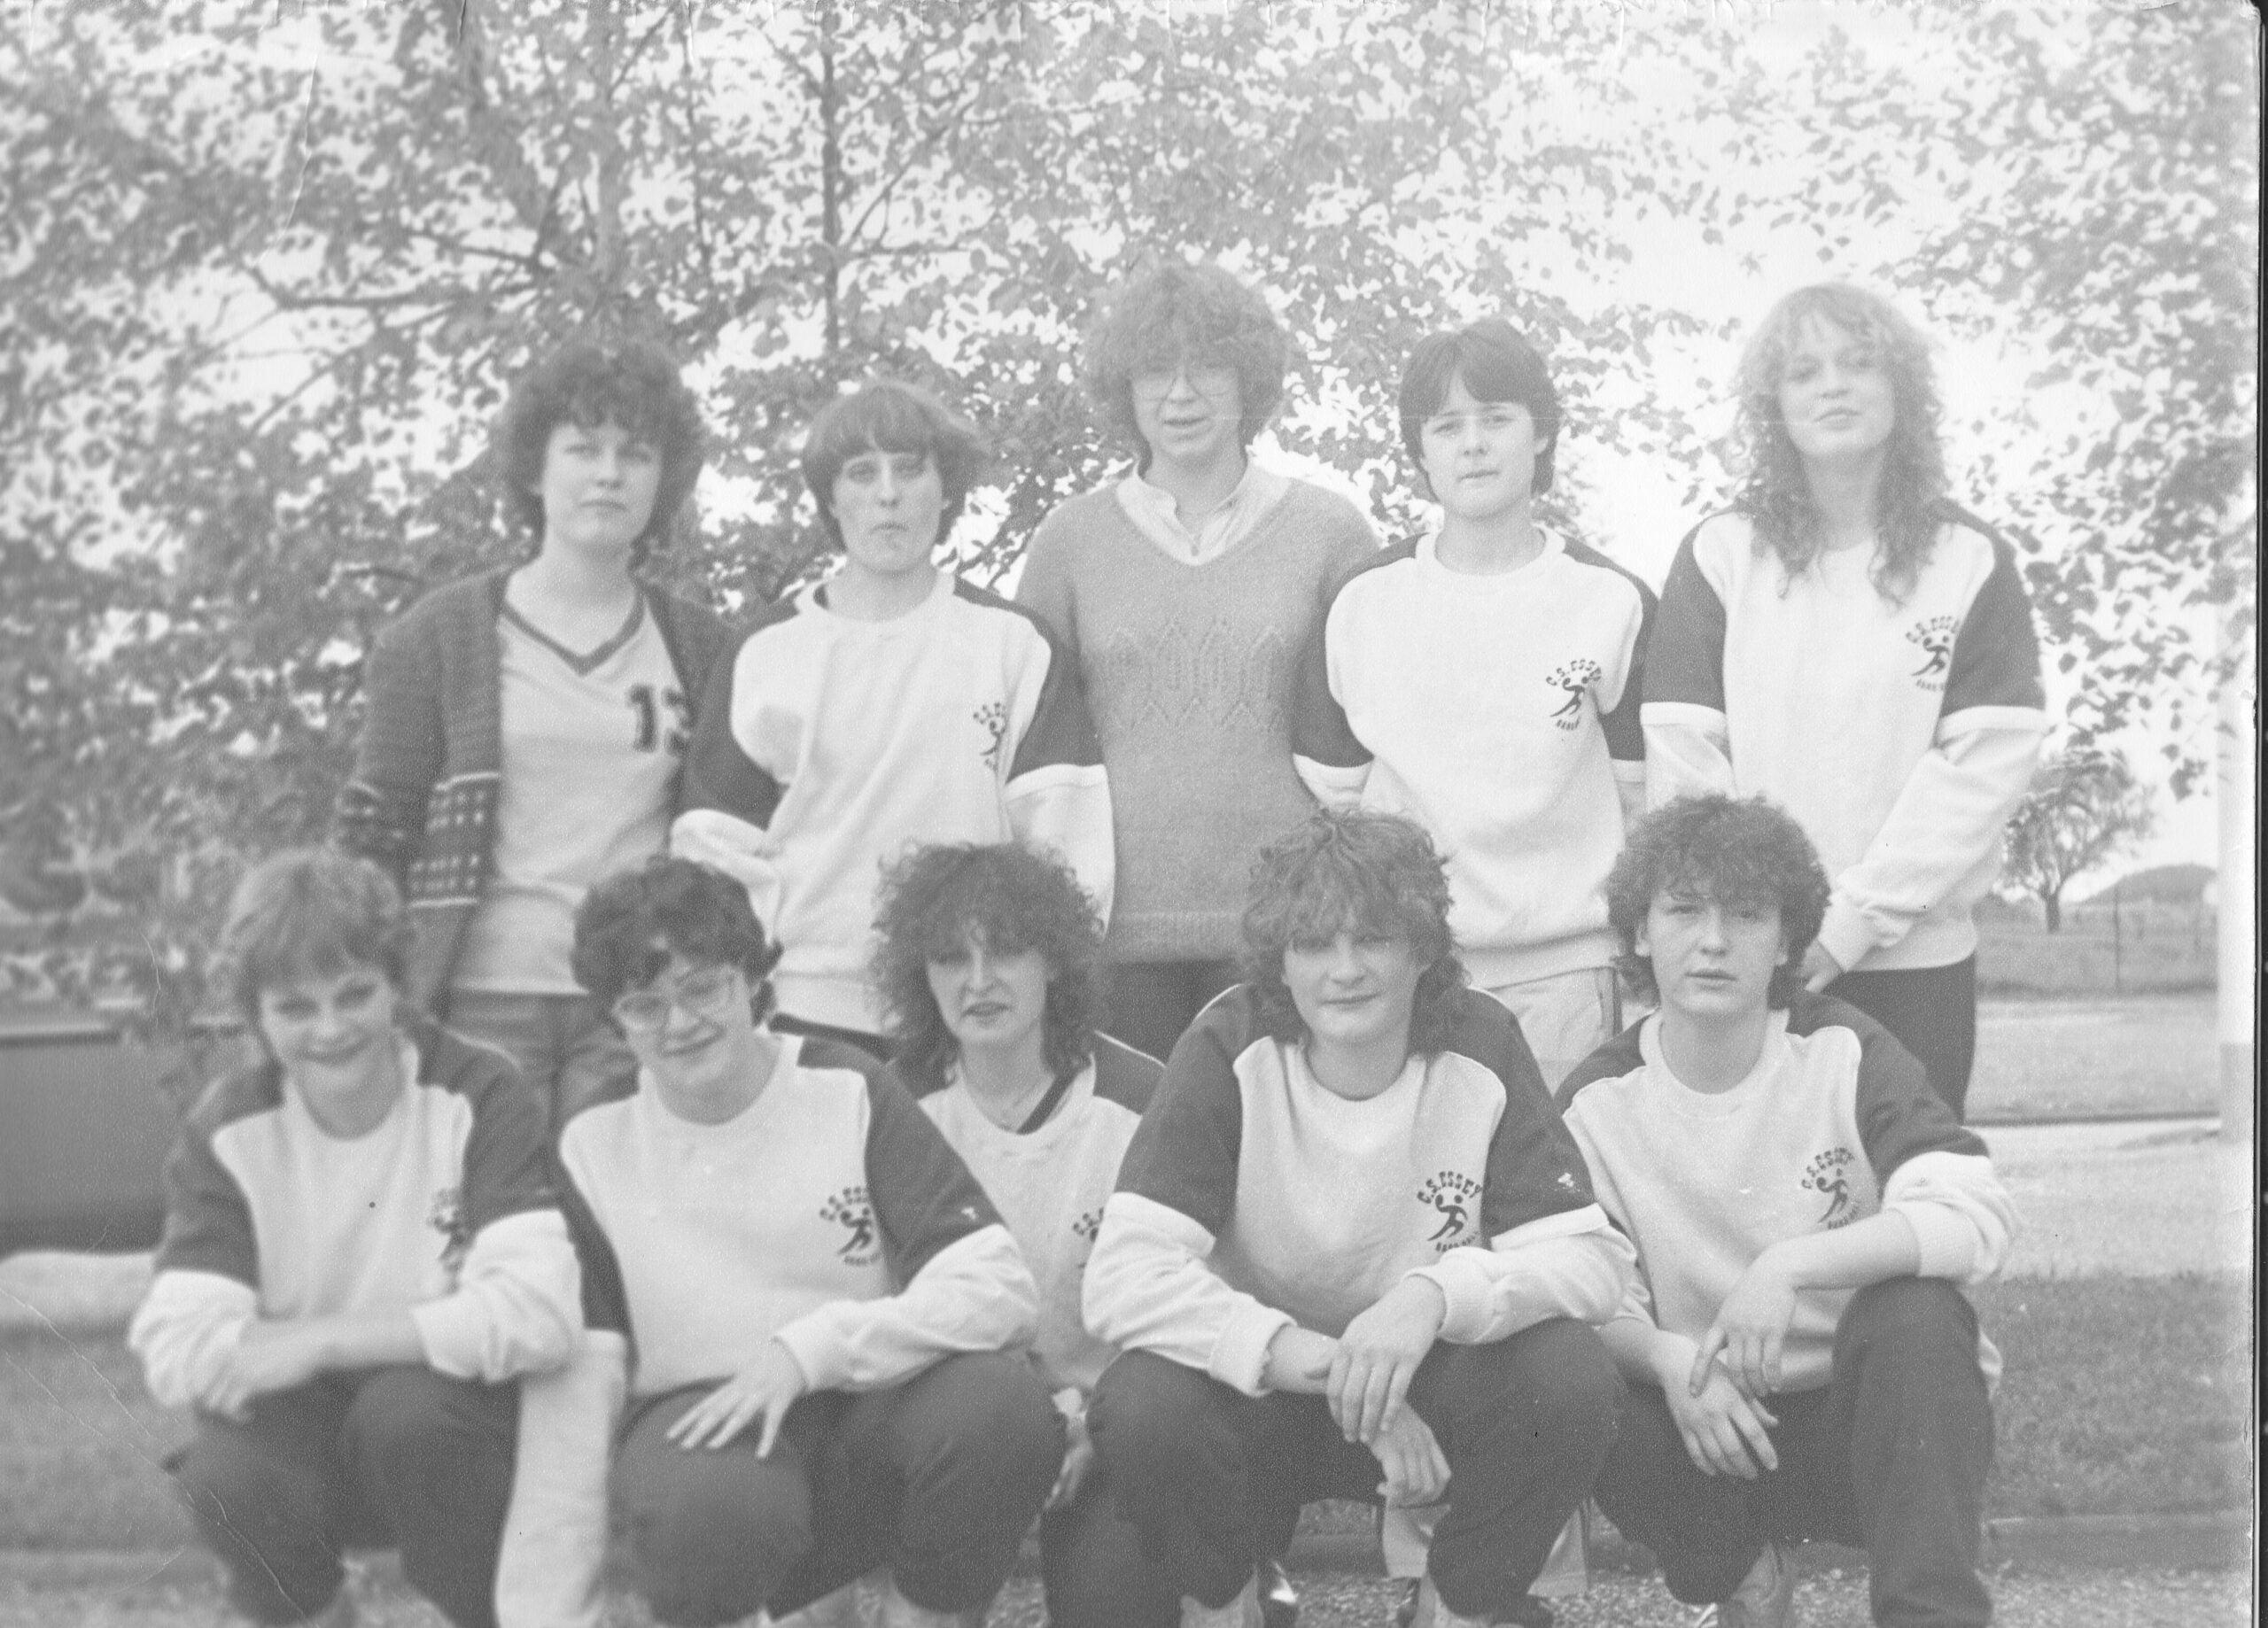 Saison-1982-1983-Tournoi-DIEULOUARD-scaled